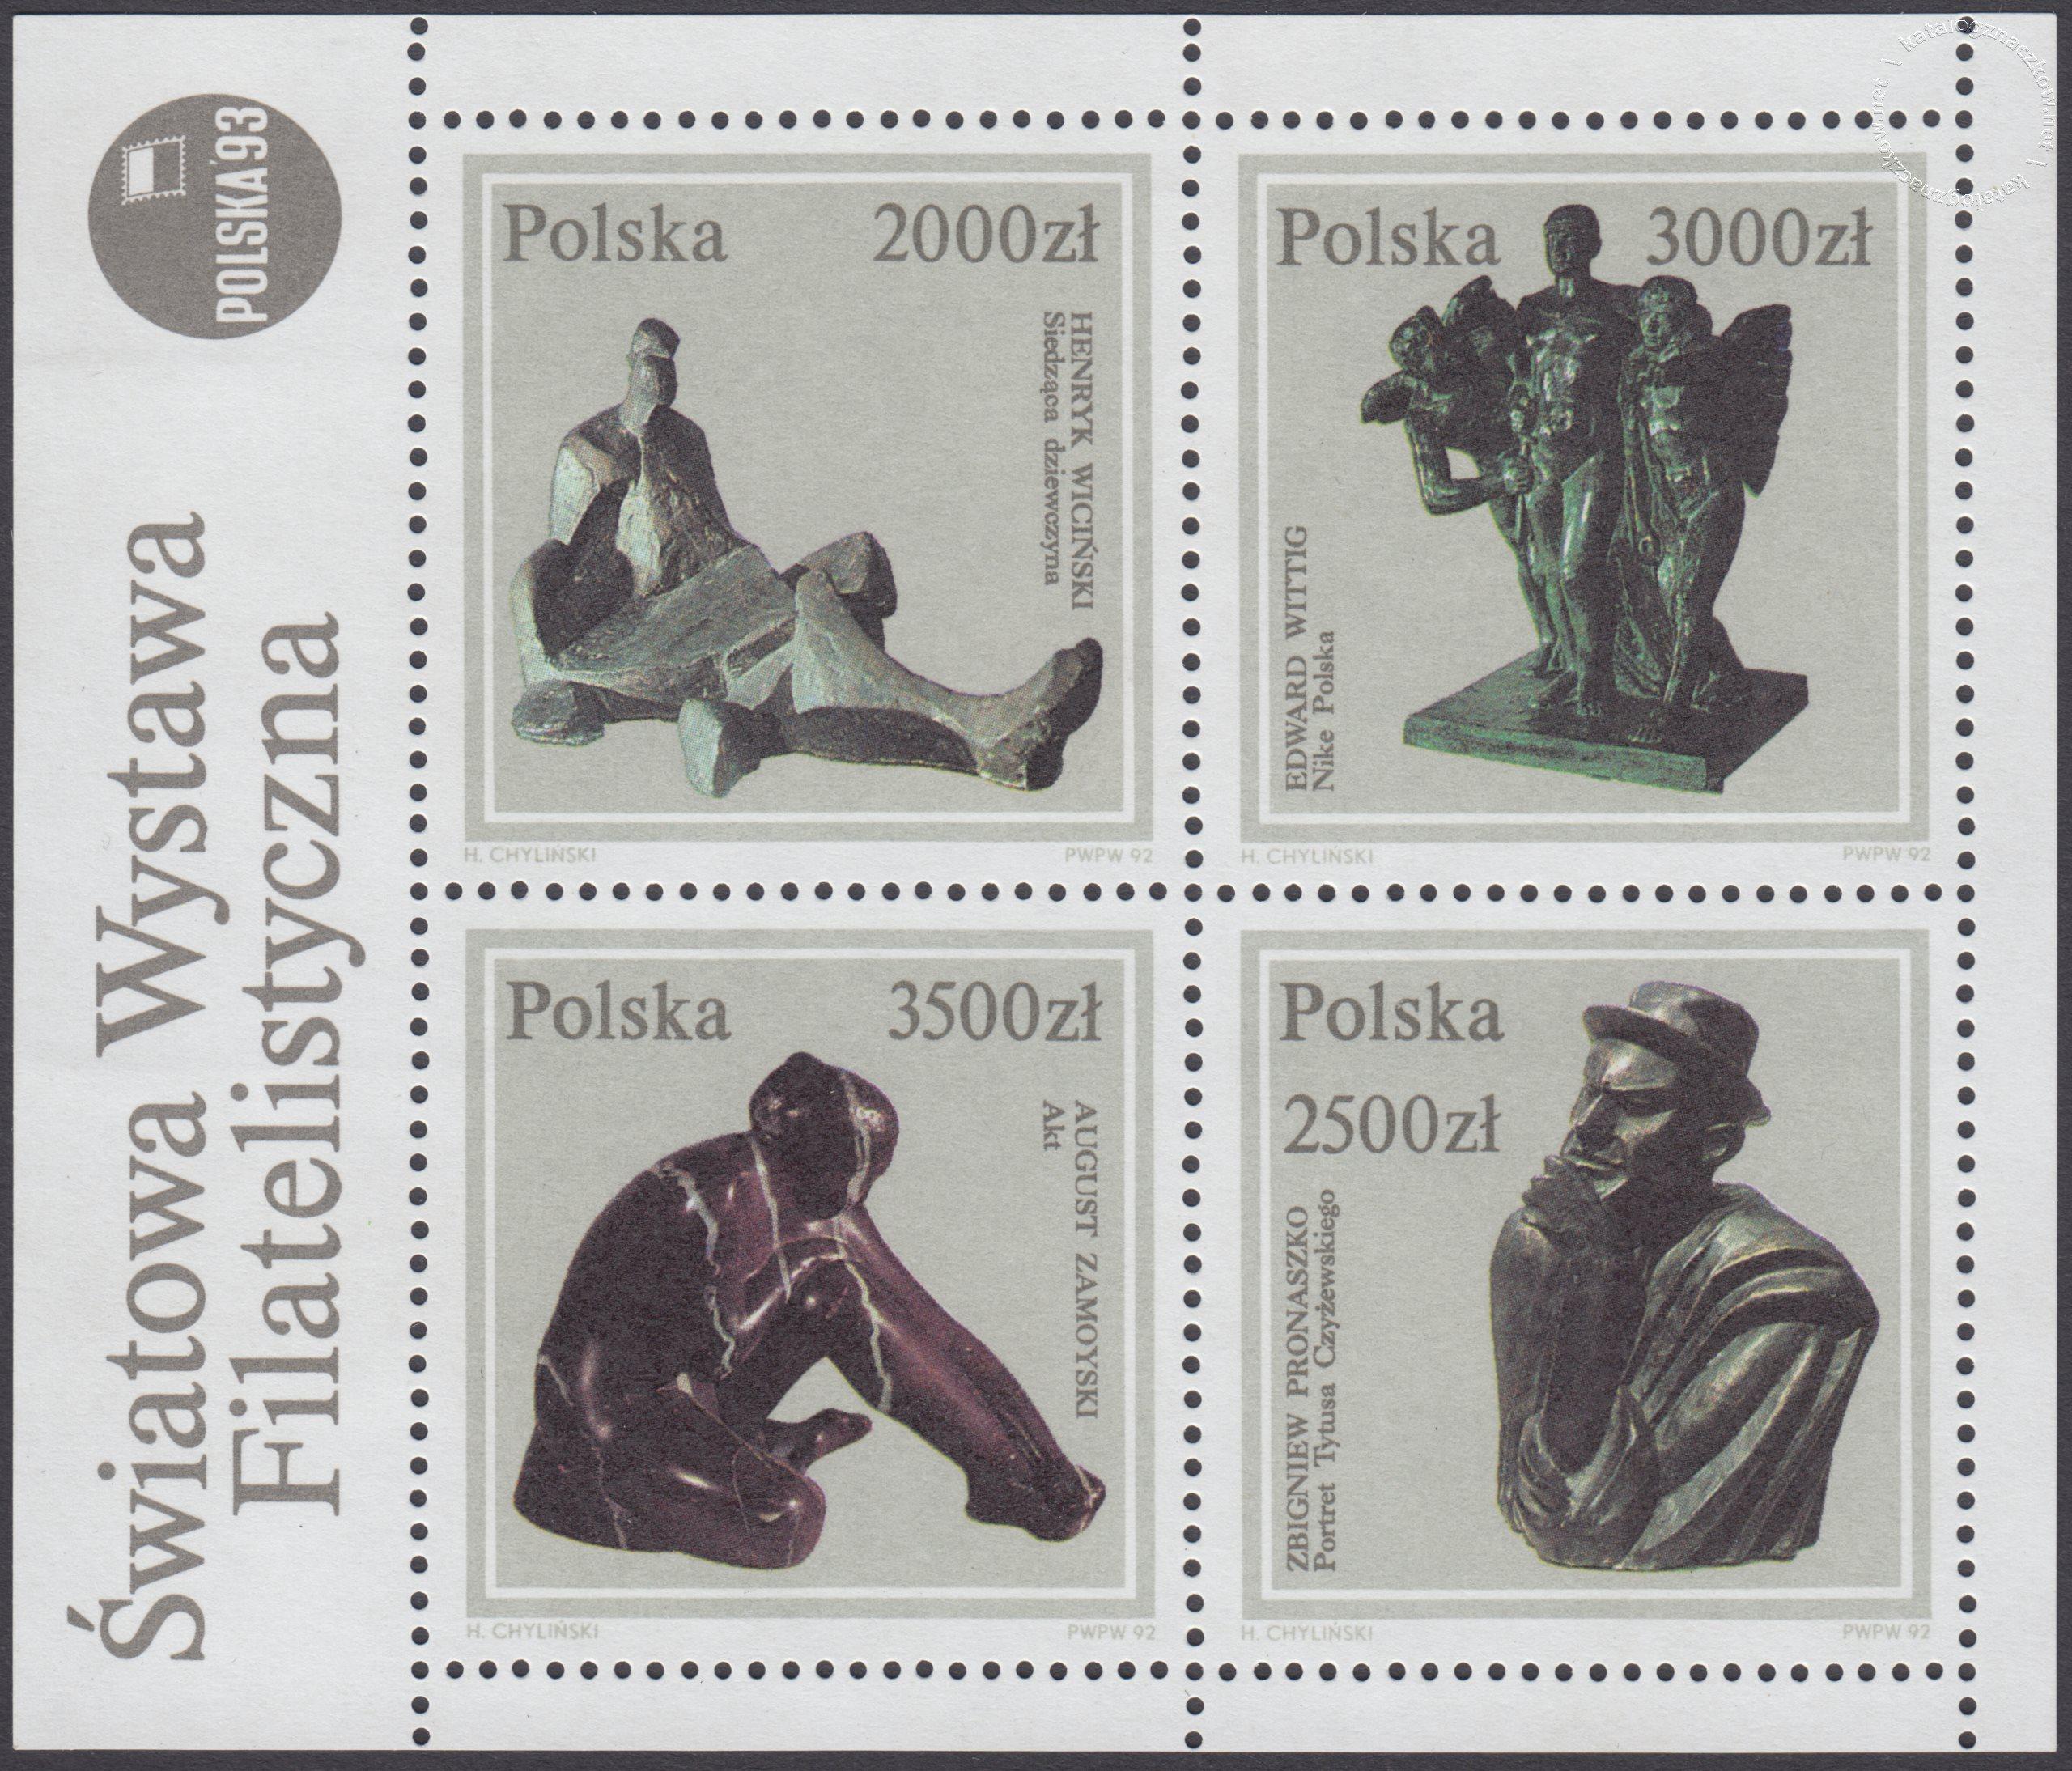 Rzeźba polska ze zbiorów Muzeum Narodowego w Warszawie – Blok 105